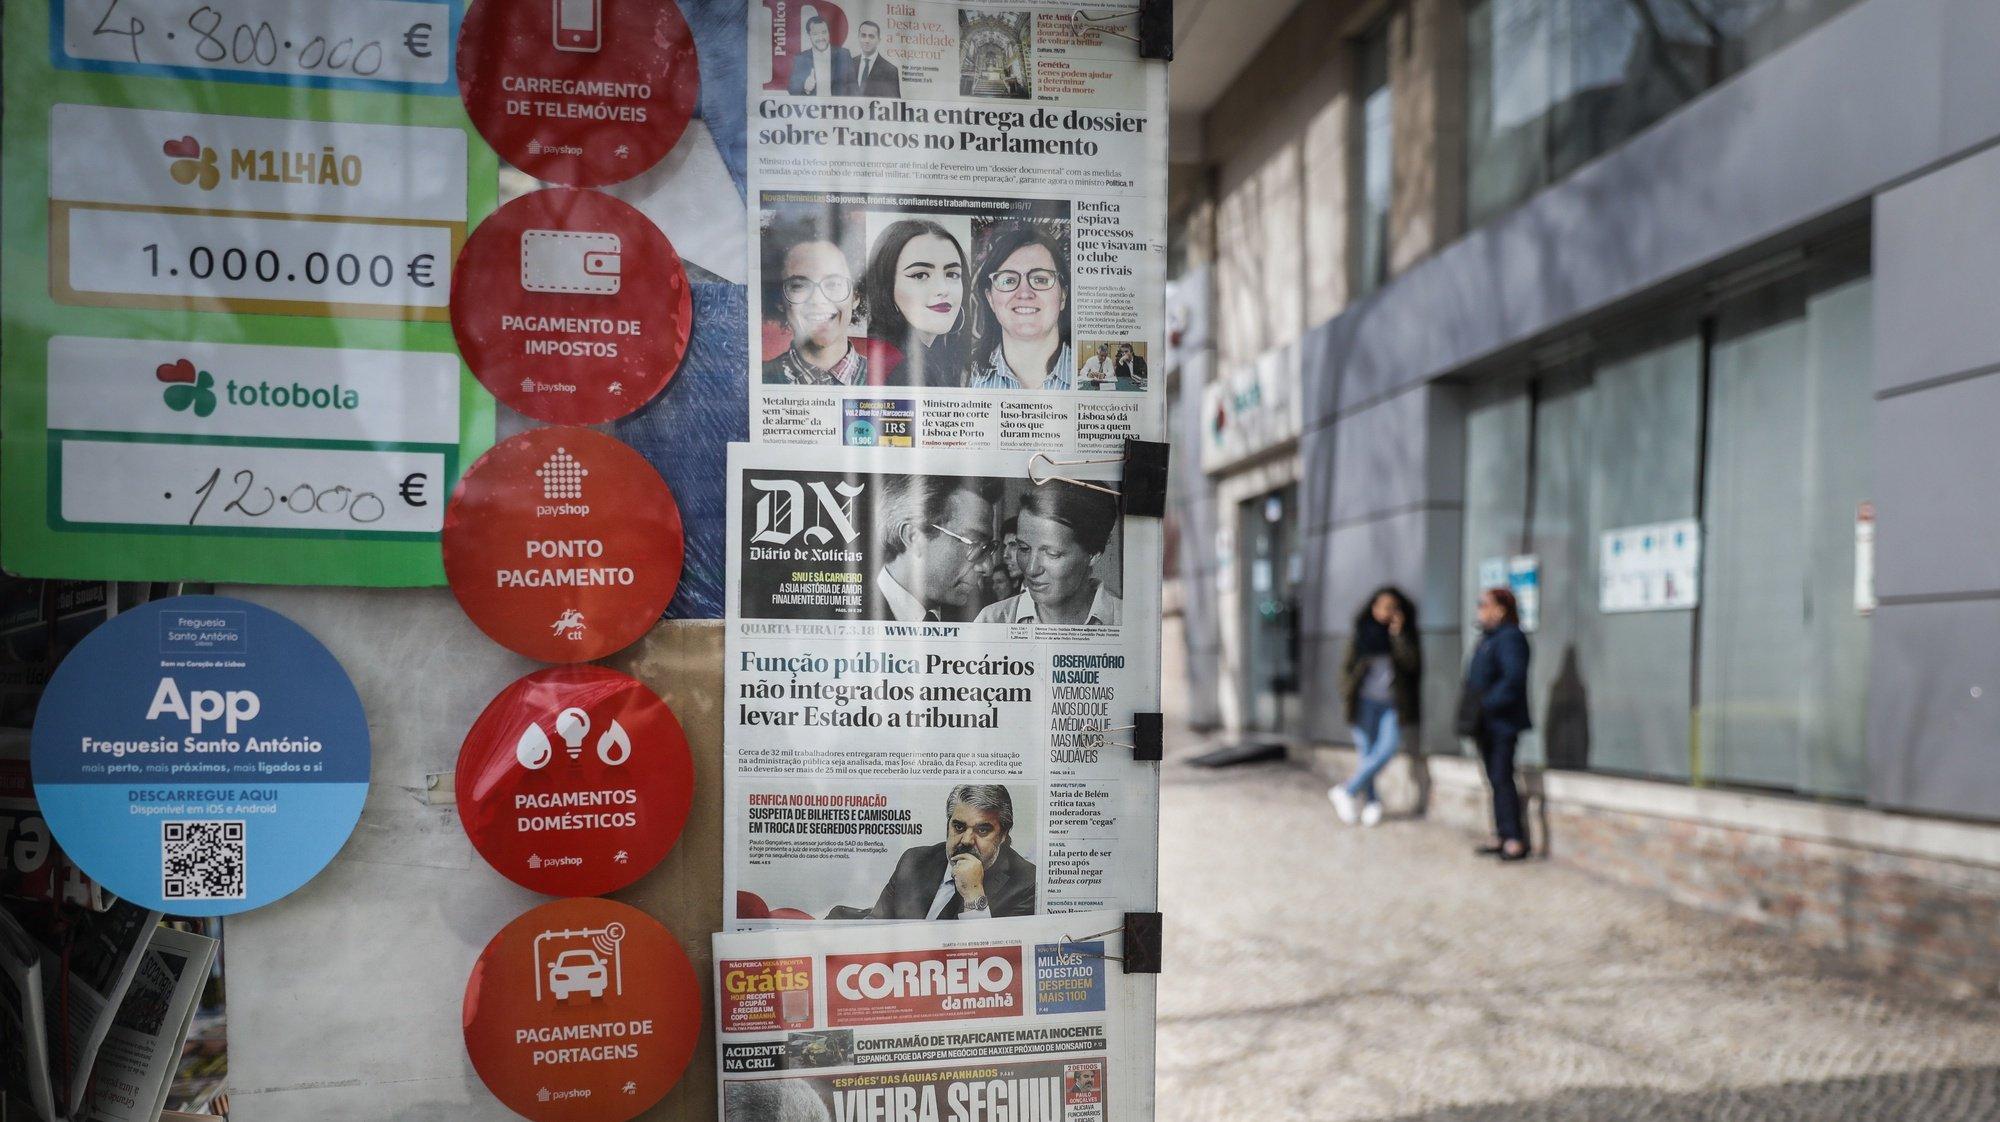 Banca de jornais em Lisboa, 7 de março de 2018. MÁRIO CRUZ/LUSA